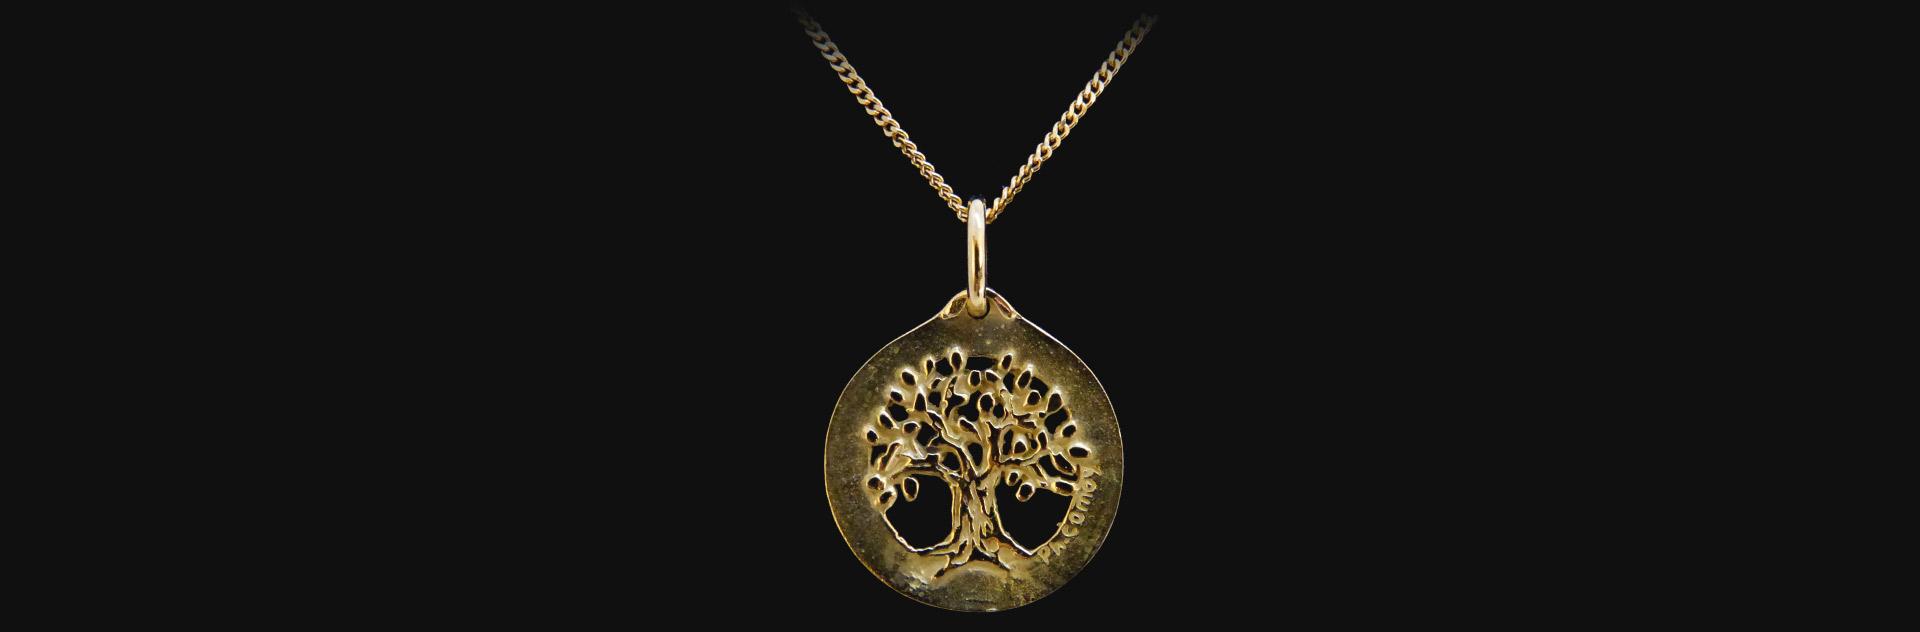 Médaille or jaune arbre de vie